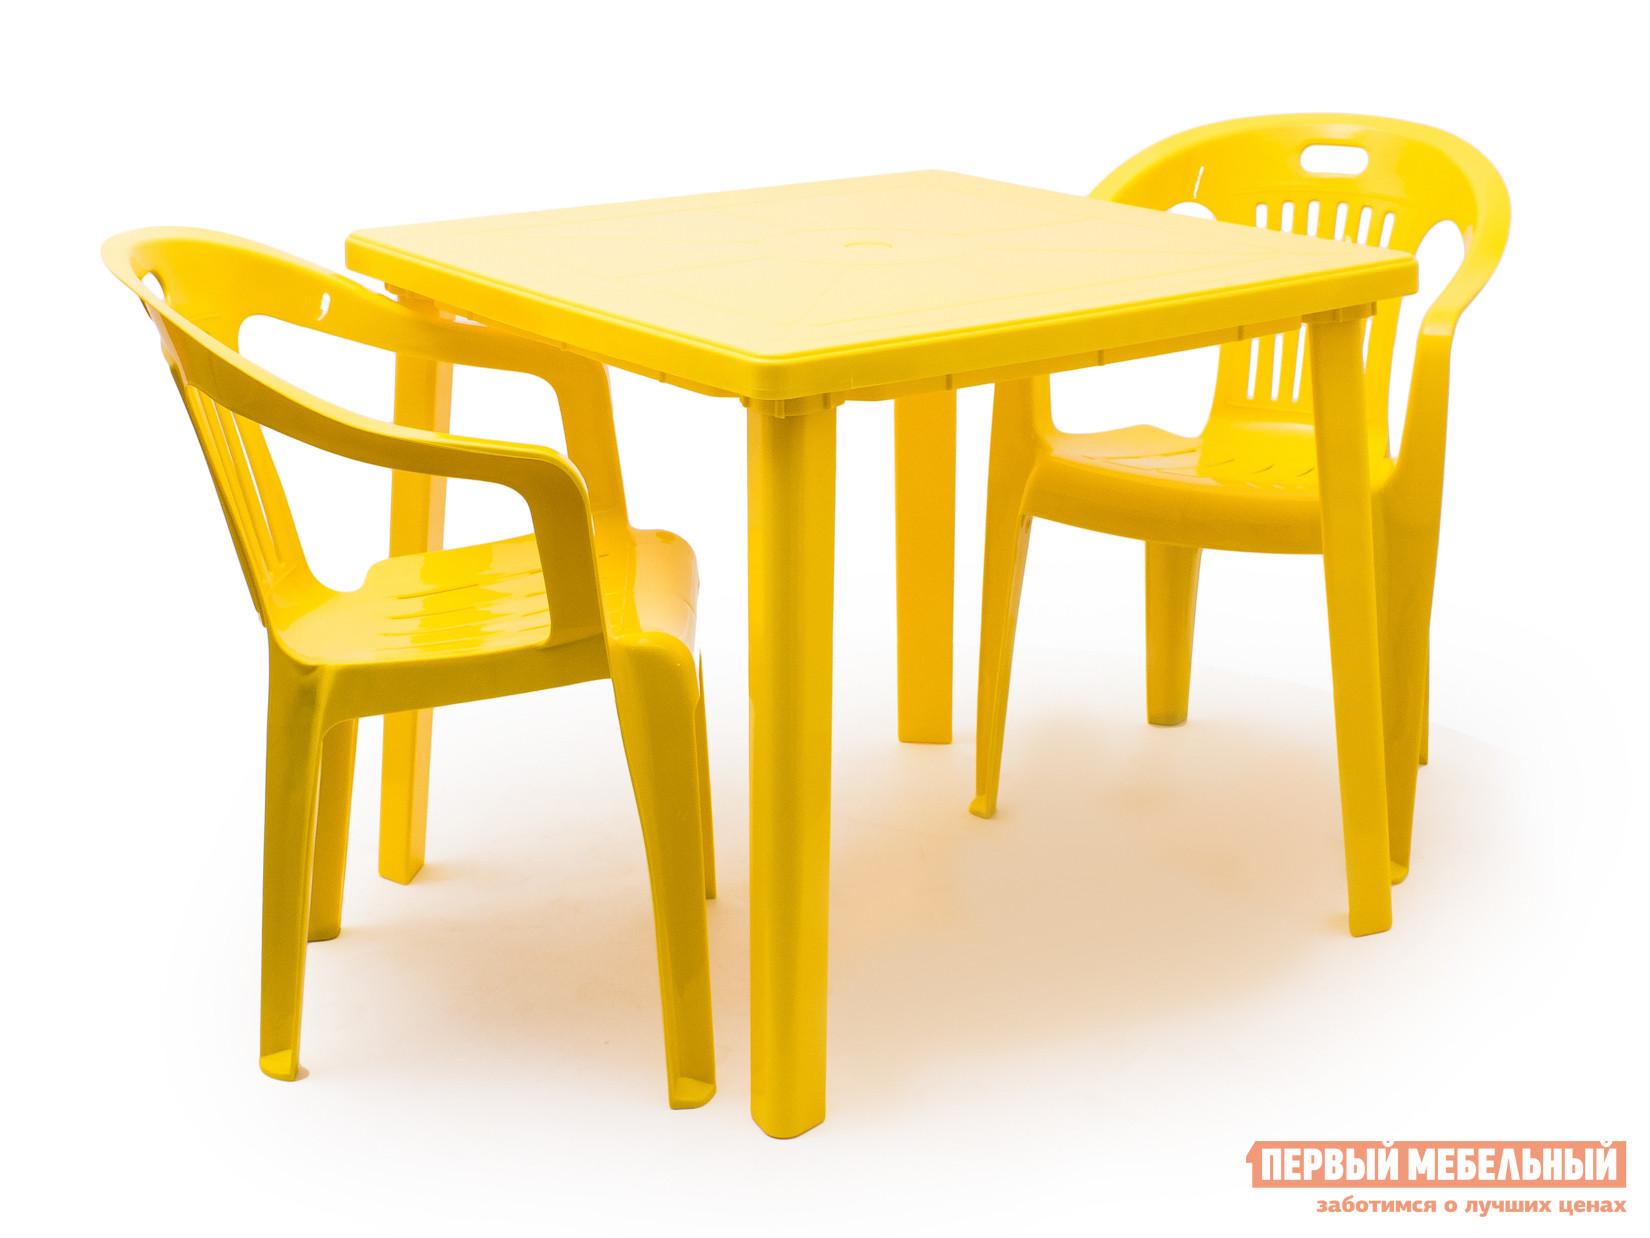 Набор пластиковой мебели Стандарт Пластик Стол квадратный (800х800х710) + Кресло №5 Комфорт-1 (540x535x780мм), 2 шт. ЖелтыйНаборы пластиковой мебели<br>Габаритные размеры ВхШхГ xx мм. Стол квадратный 800х800х710 + Кресло №5 Комфорт-1 образуют удобную обеденную группу для отдыха на даче, в летнем кафе или на пляже.  При необходимости можно заказать два дополнительных кресла и увеличить число сидячих мест. Пластиковая мебель отличается простотой в уходе и хранении.  Поэтому ее так часто выбирают в качестве летней мебели как для личного пользования, так и для общественных мест.  Мебель не выцветает, устойчива к жаркому солнцу и дождям.  Только ураганный ветер может причинить неудобства, так как вес мебели незначительный.<br><br>Цвет: Желтый<br>Кол-во упаковок: 3<br>Форма поставки: В разобранном виде<br>Срок гарантии: 1 год<br>Тип: На 2 персоны